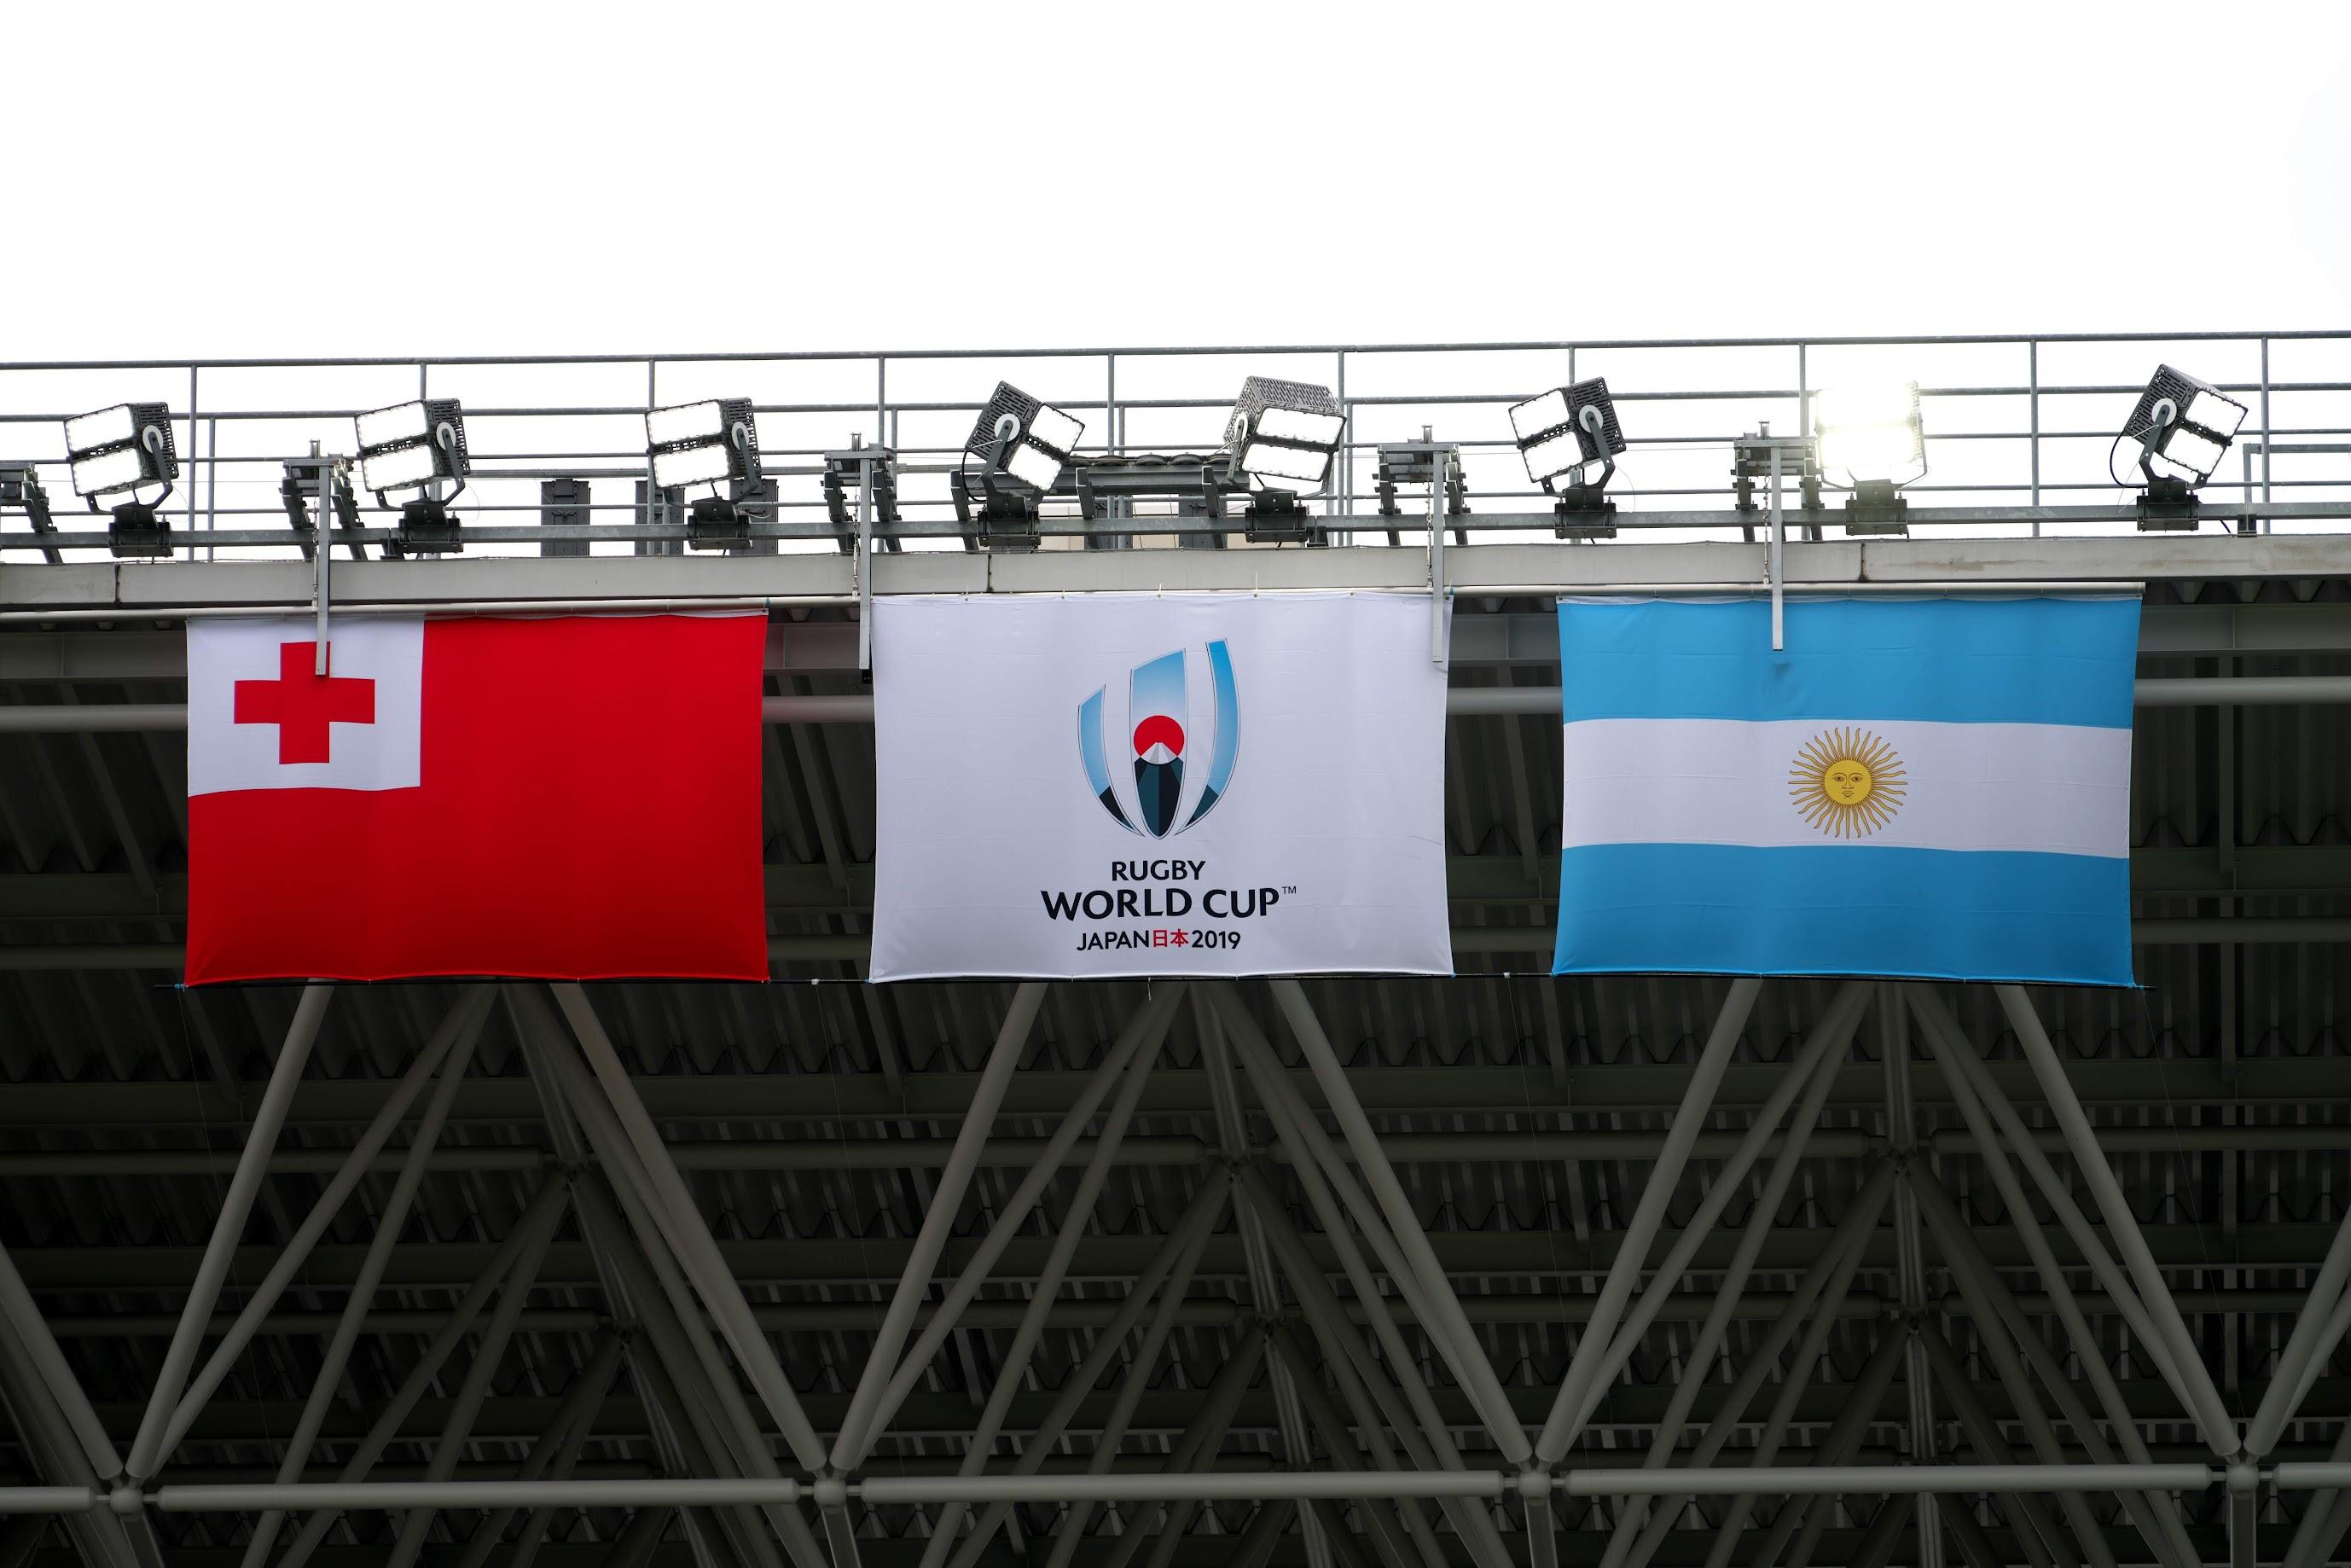 ラグビーワールドカップ 2019 MATCH 13 アルゼンチン vs トンガ